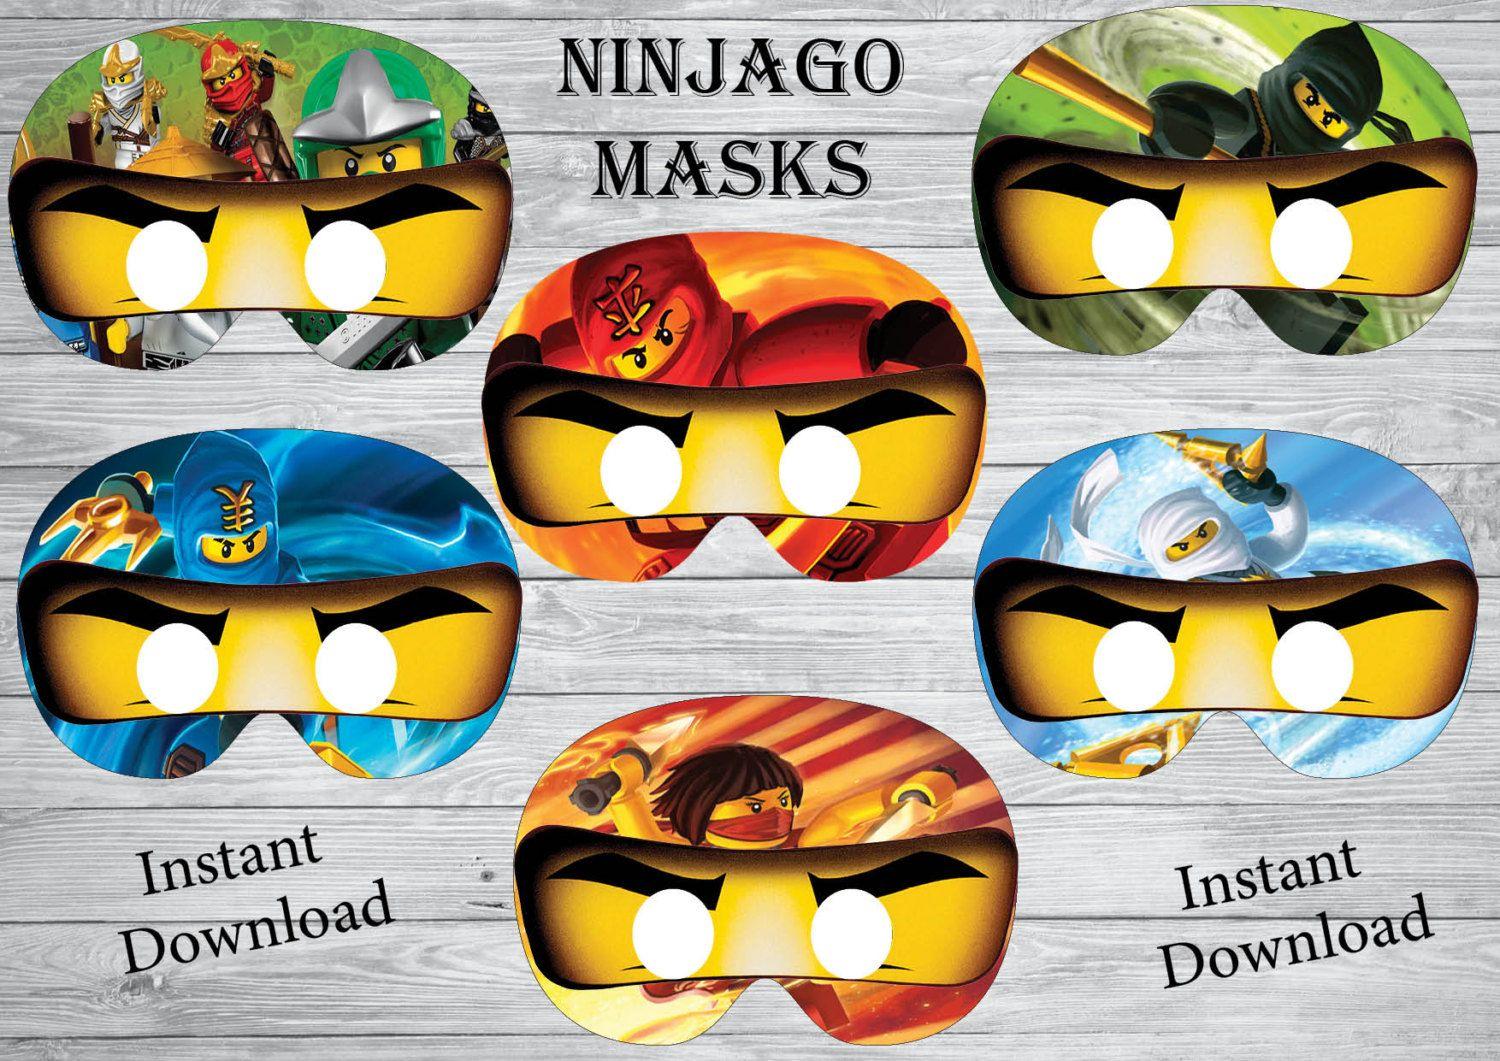 Ninjago Einladung Basteln: Sofort-Download Ninjago Masken Geburtstag Ninjago Ninjago